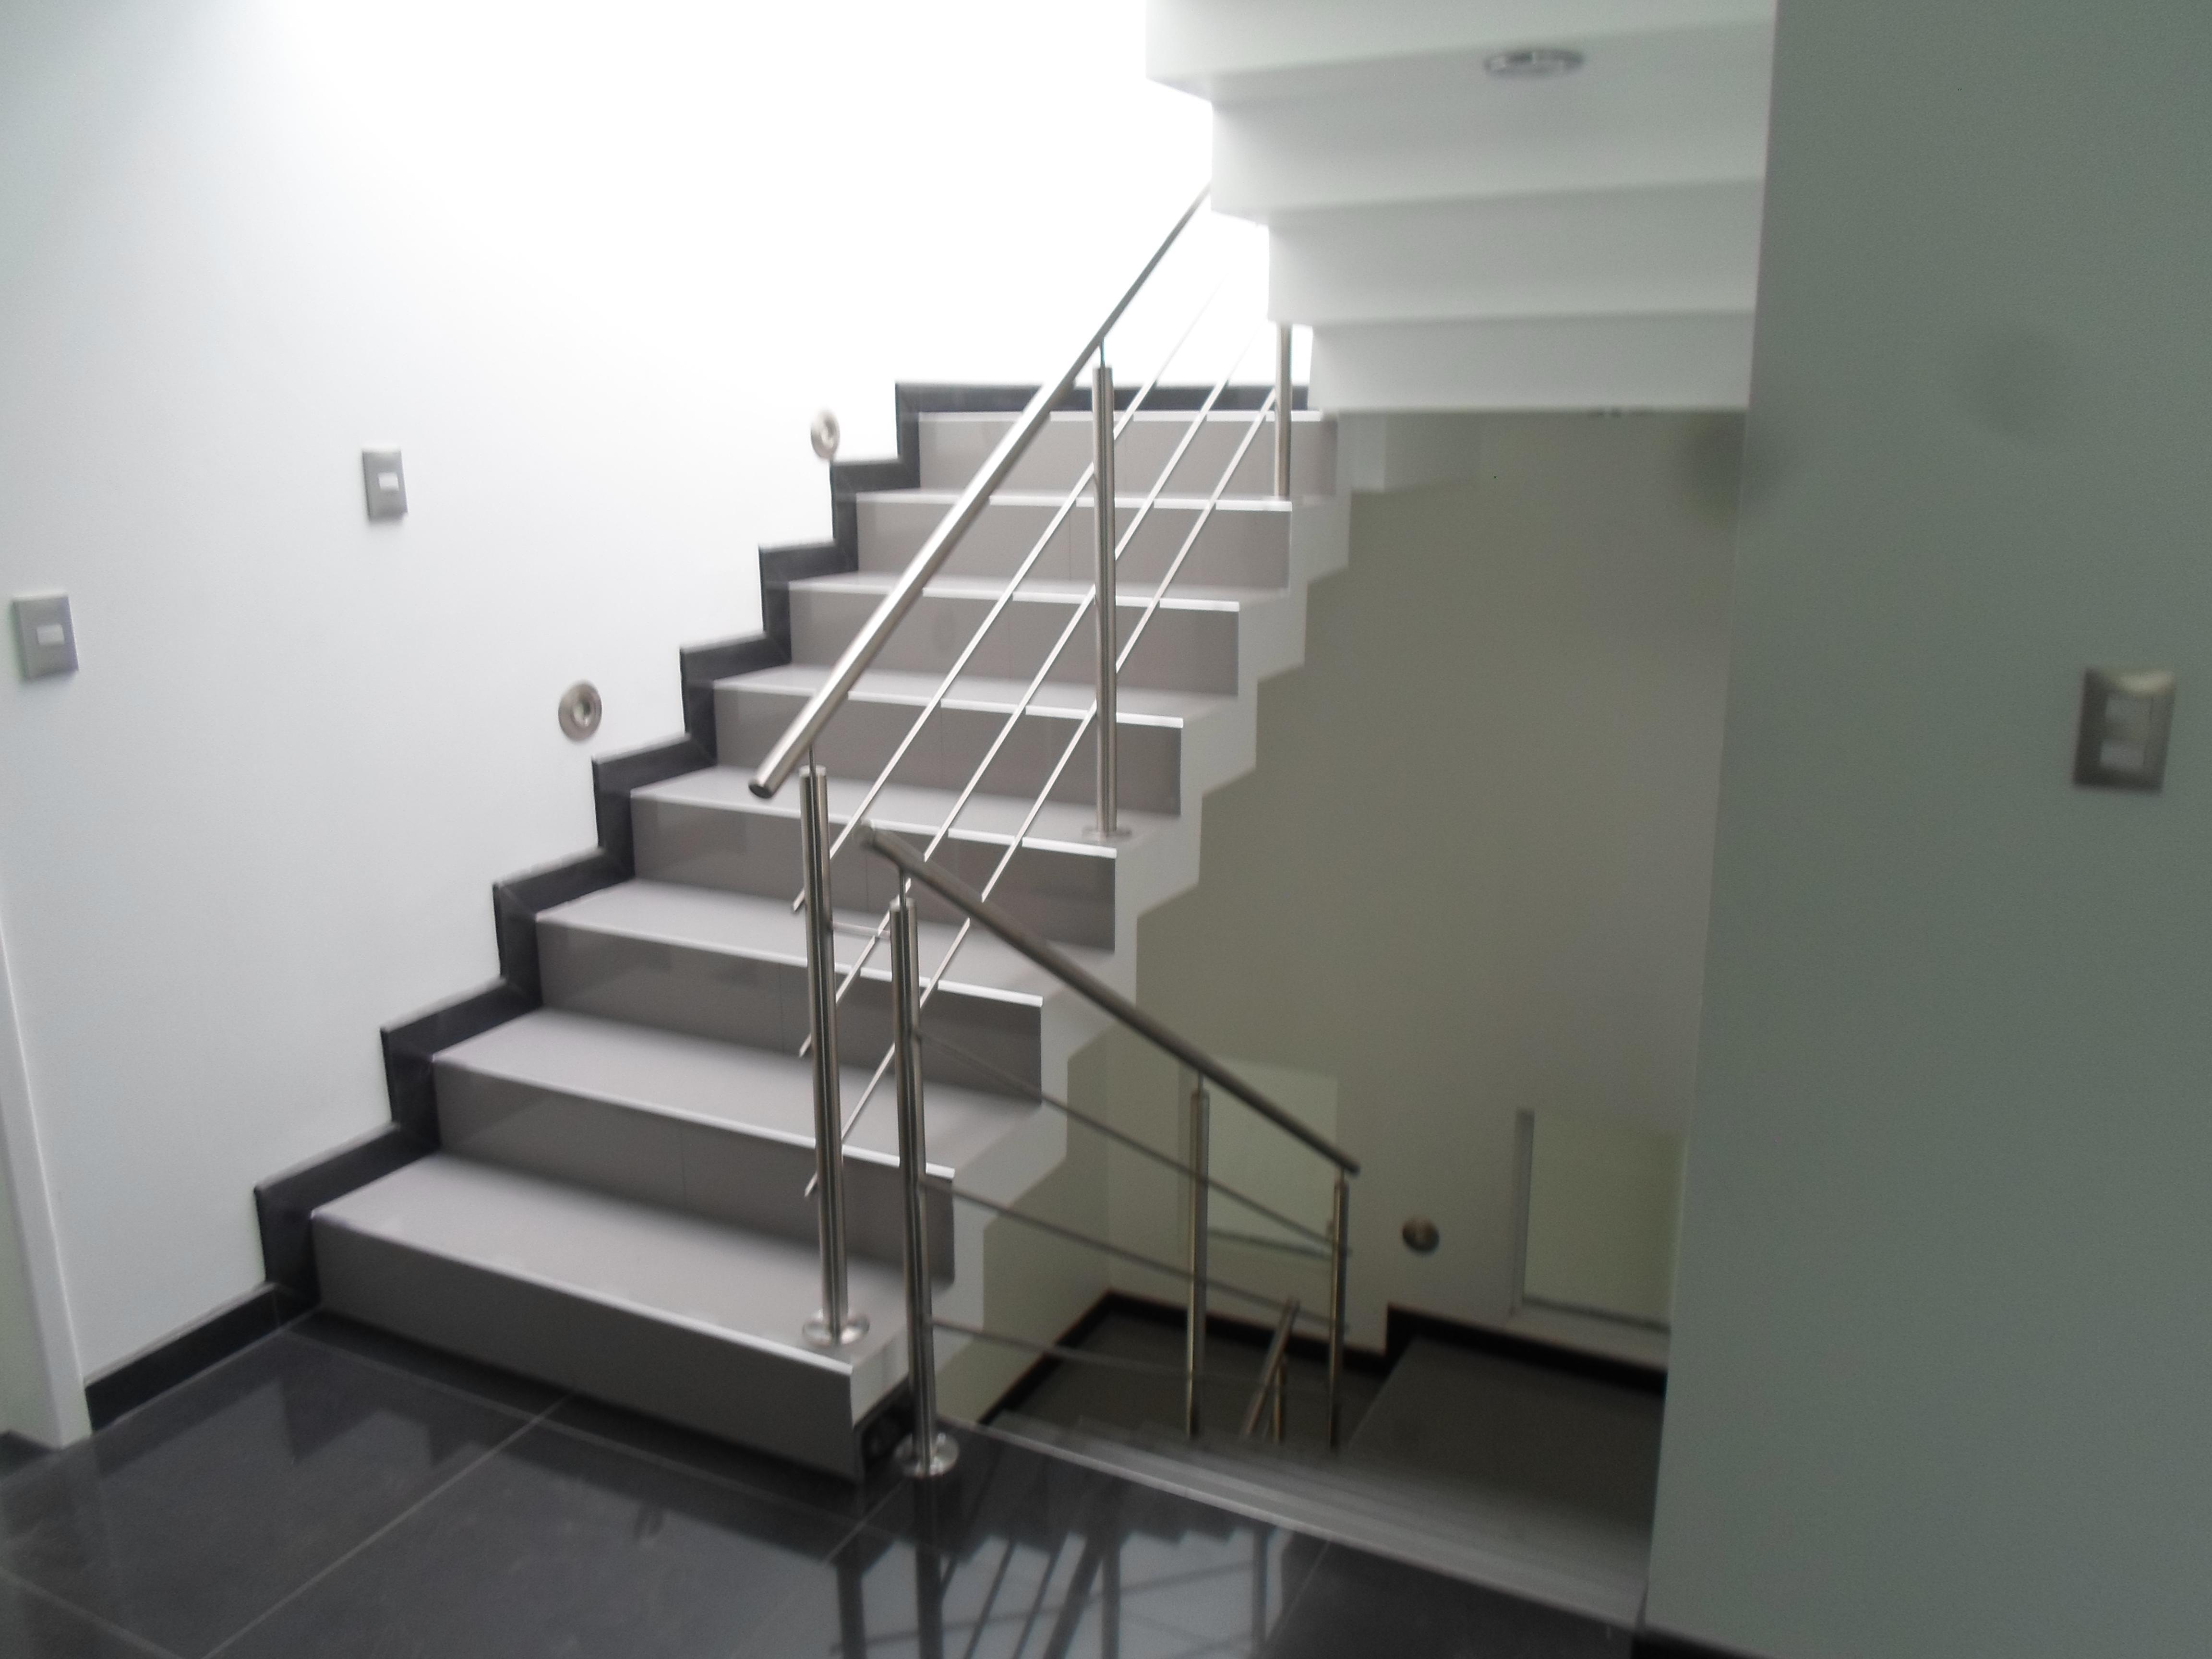 Barandales mira aqu algunos de nuestros trabajos for Escaleras aluminio amazon